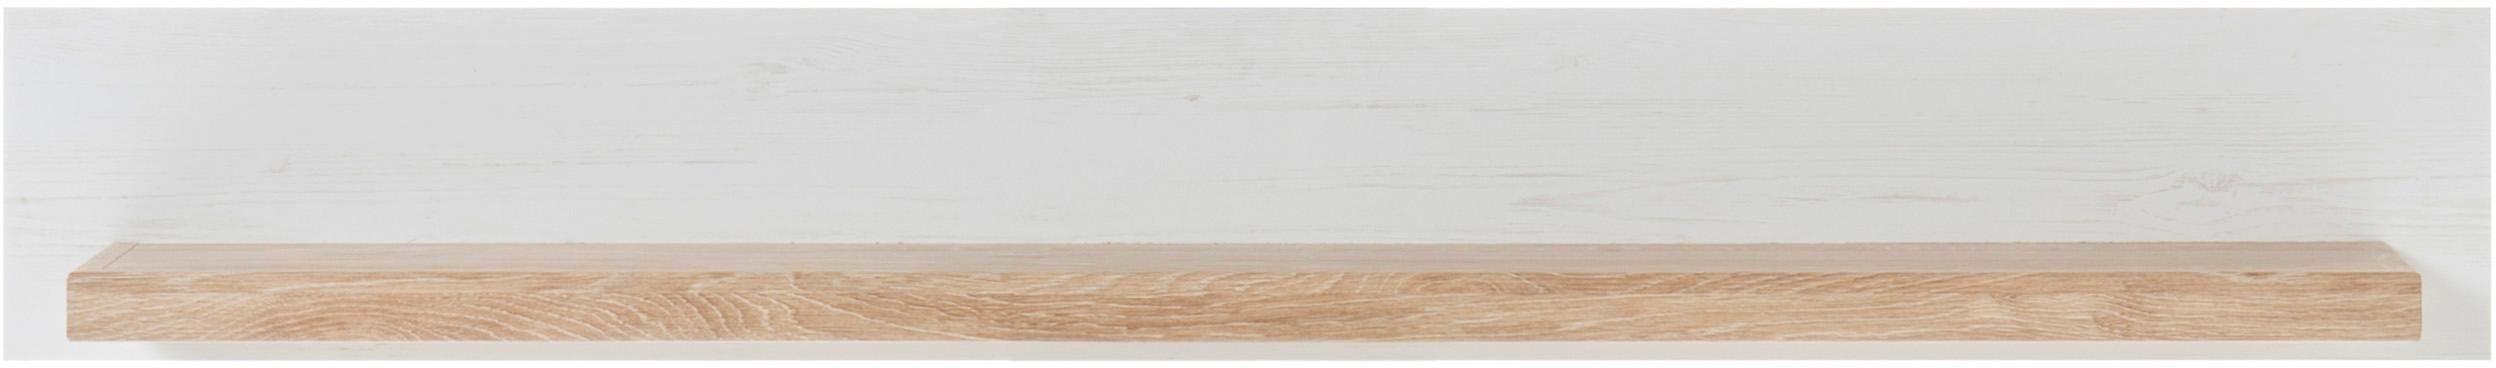 Home affaire Wandboard »Cottage«, Breite 140 cm